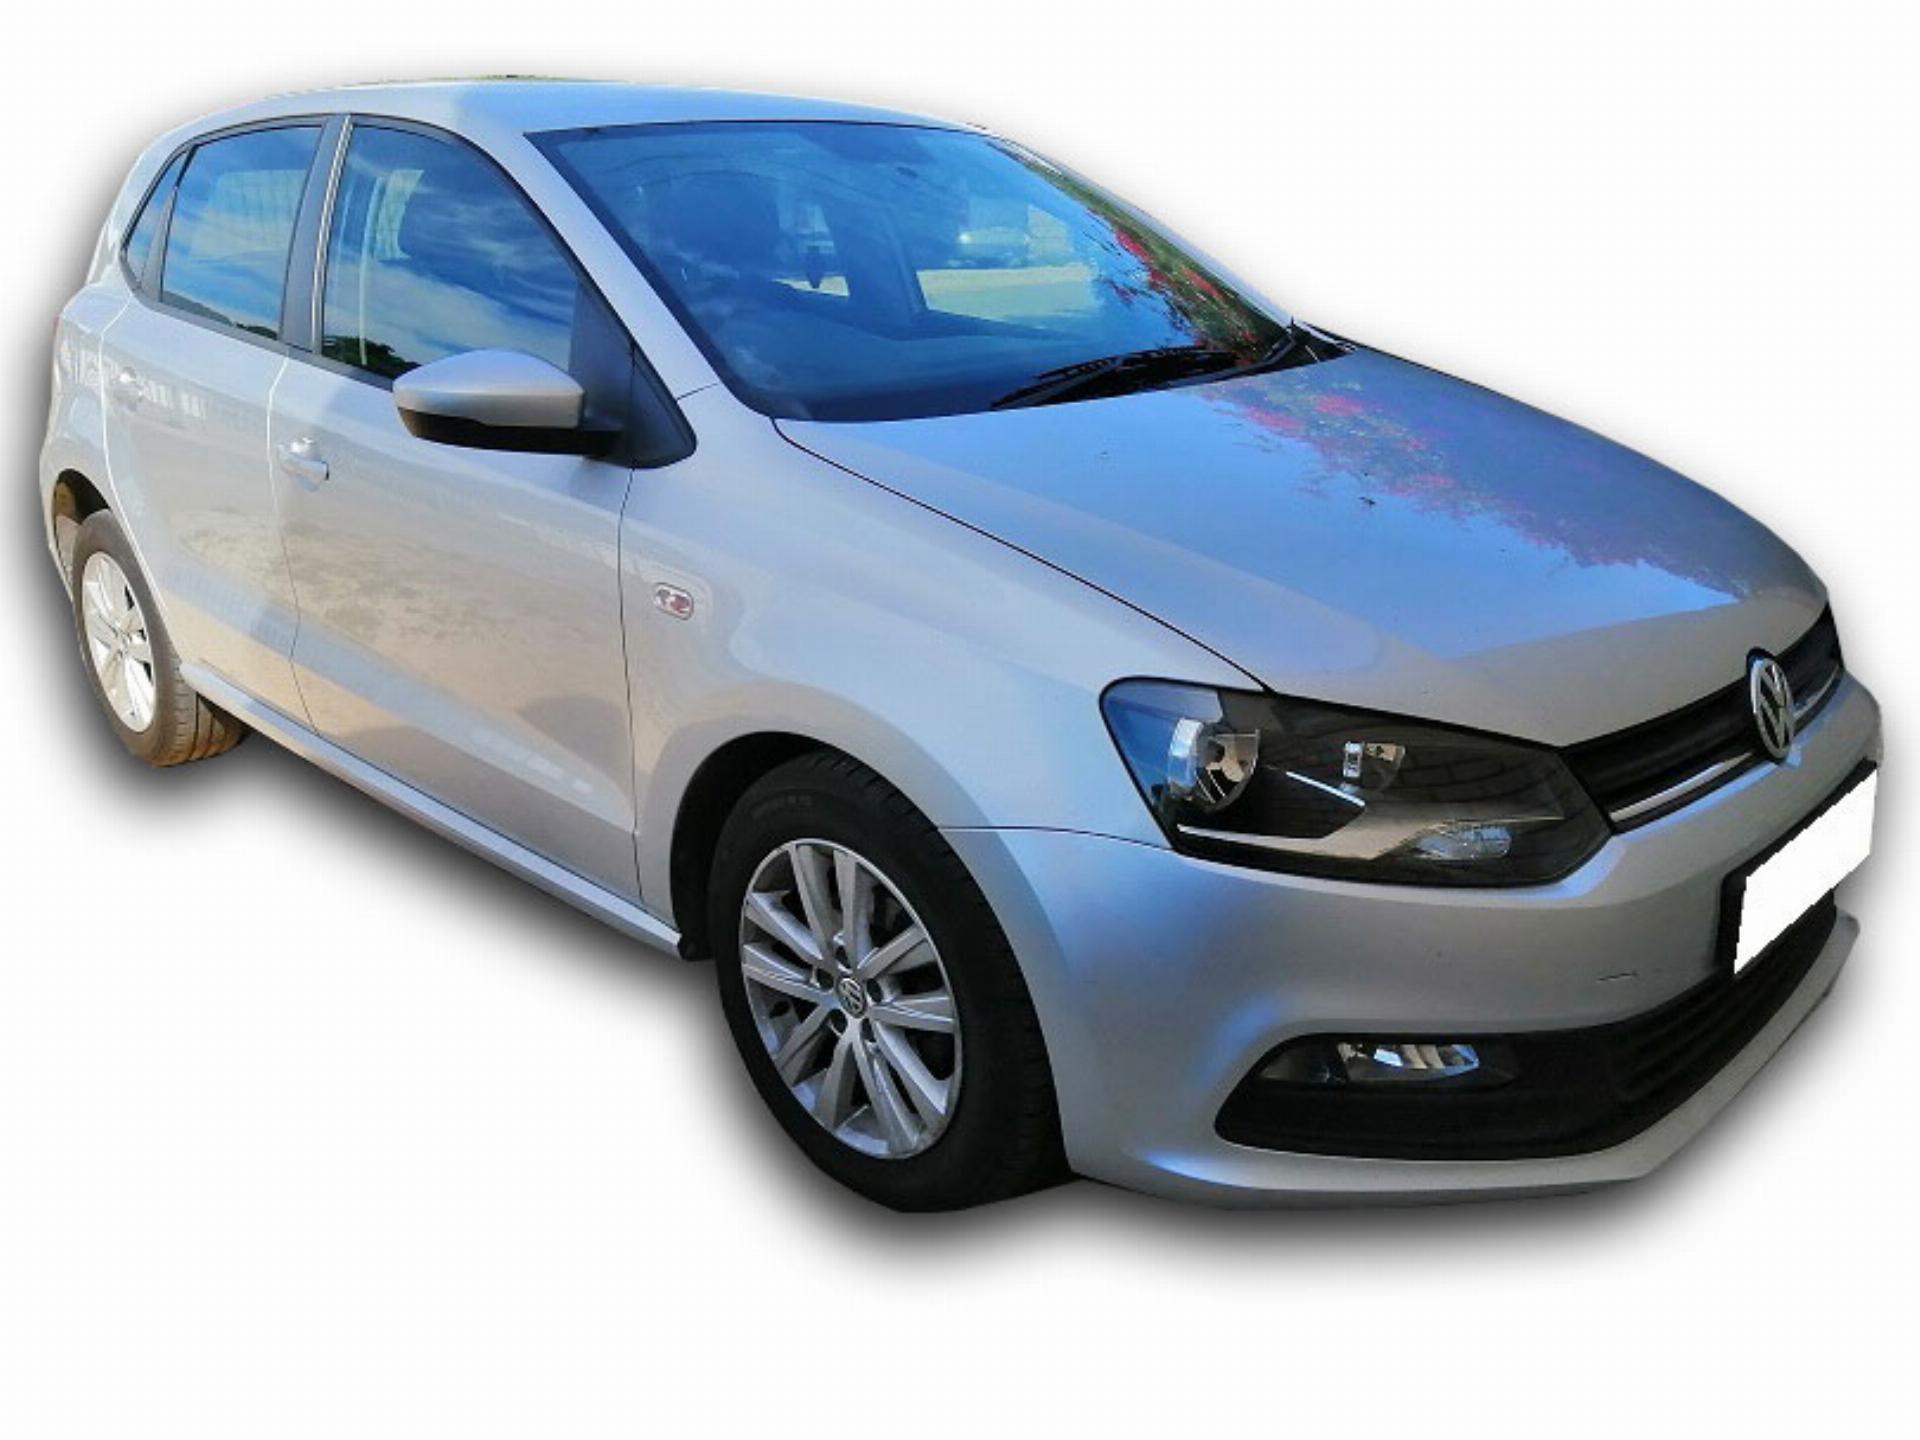 VW Polo Vivo 1.4 Comfortline